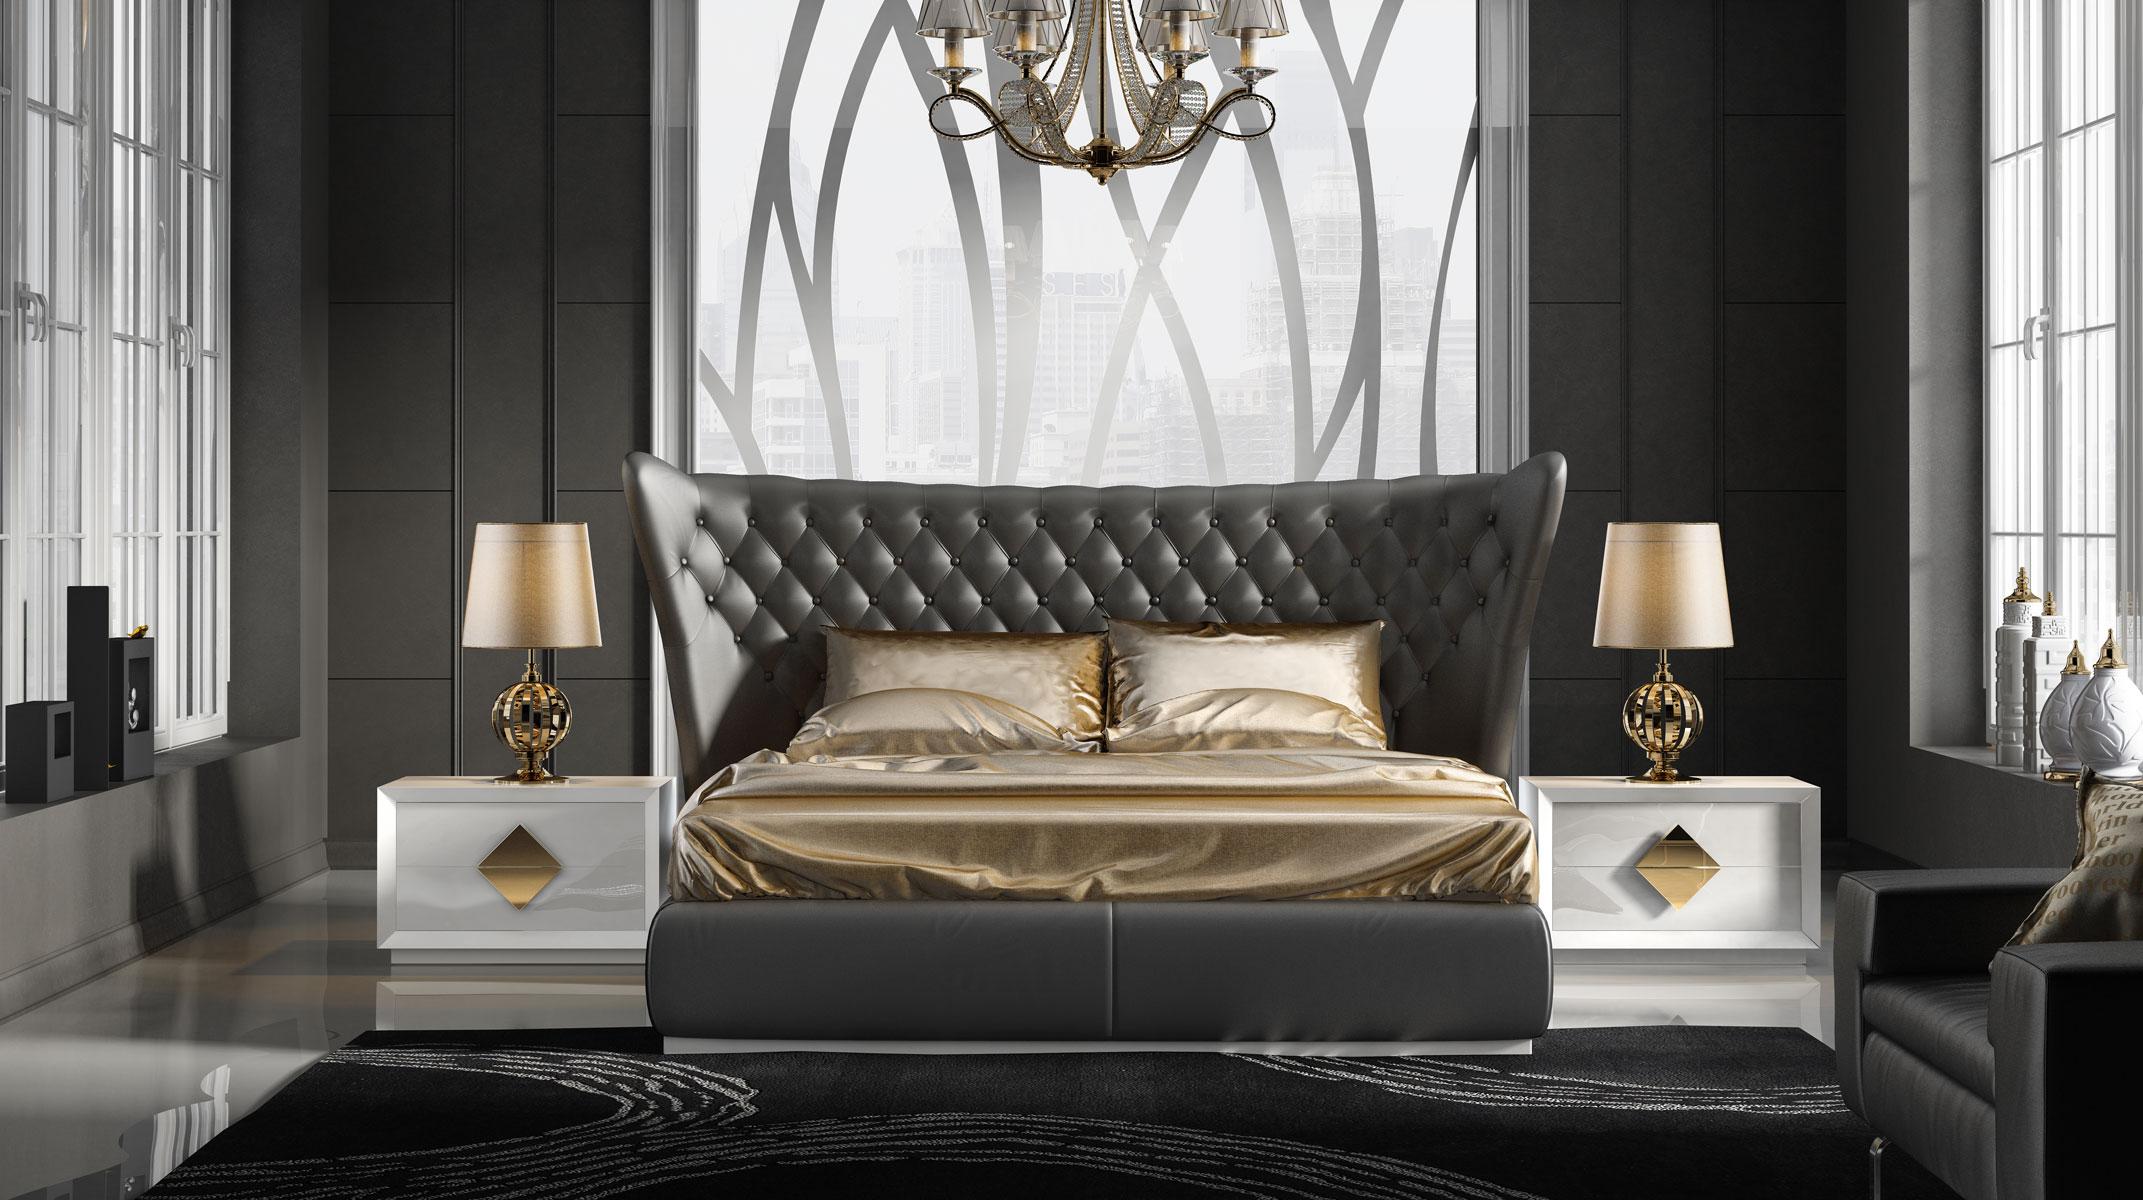 Designer Luxury Bedroom: Made In Spain Quality Luxury Platform Bed San Diego